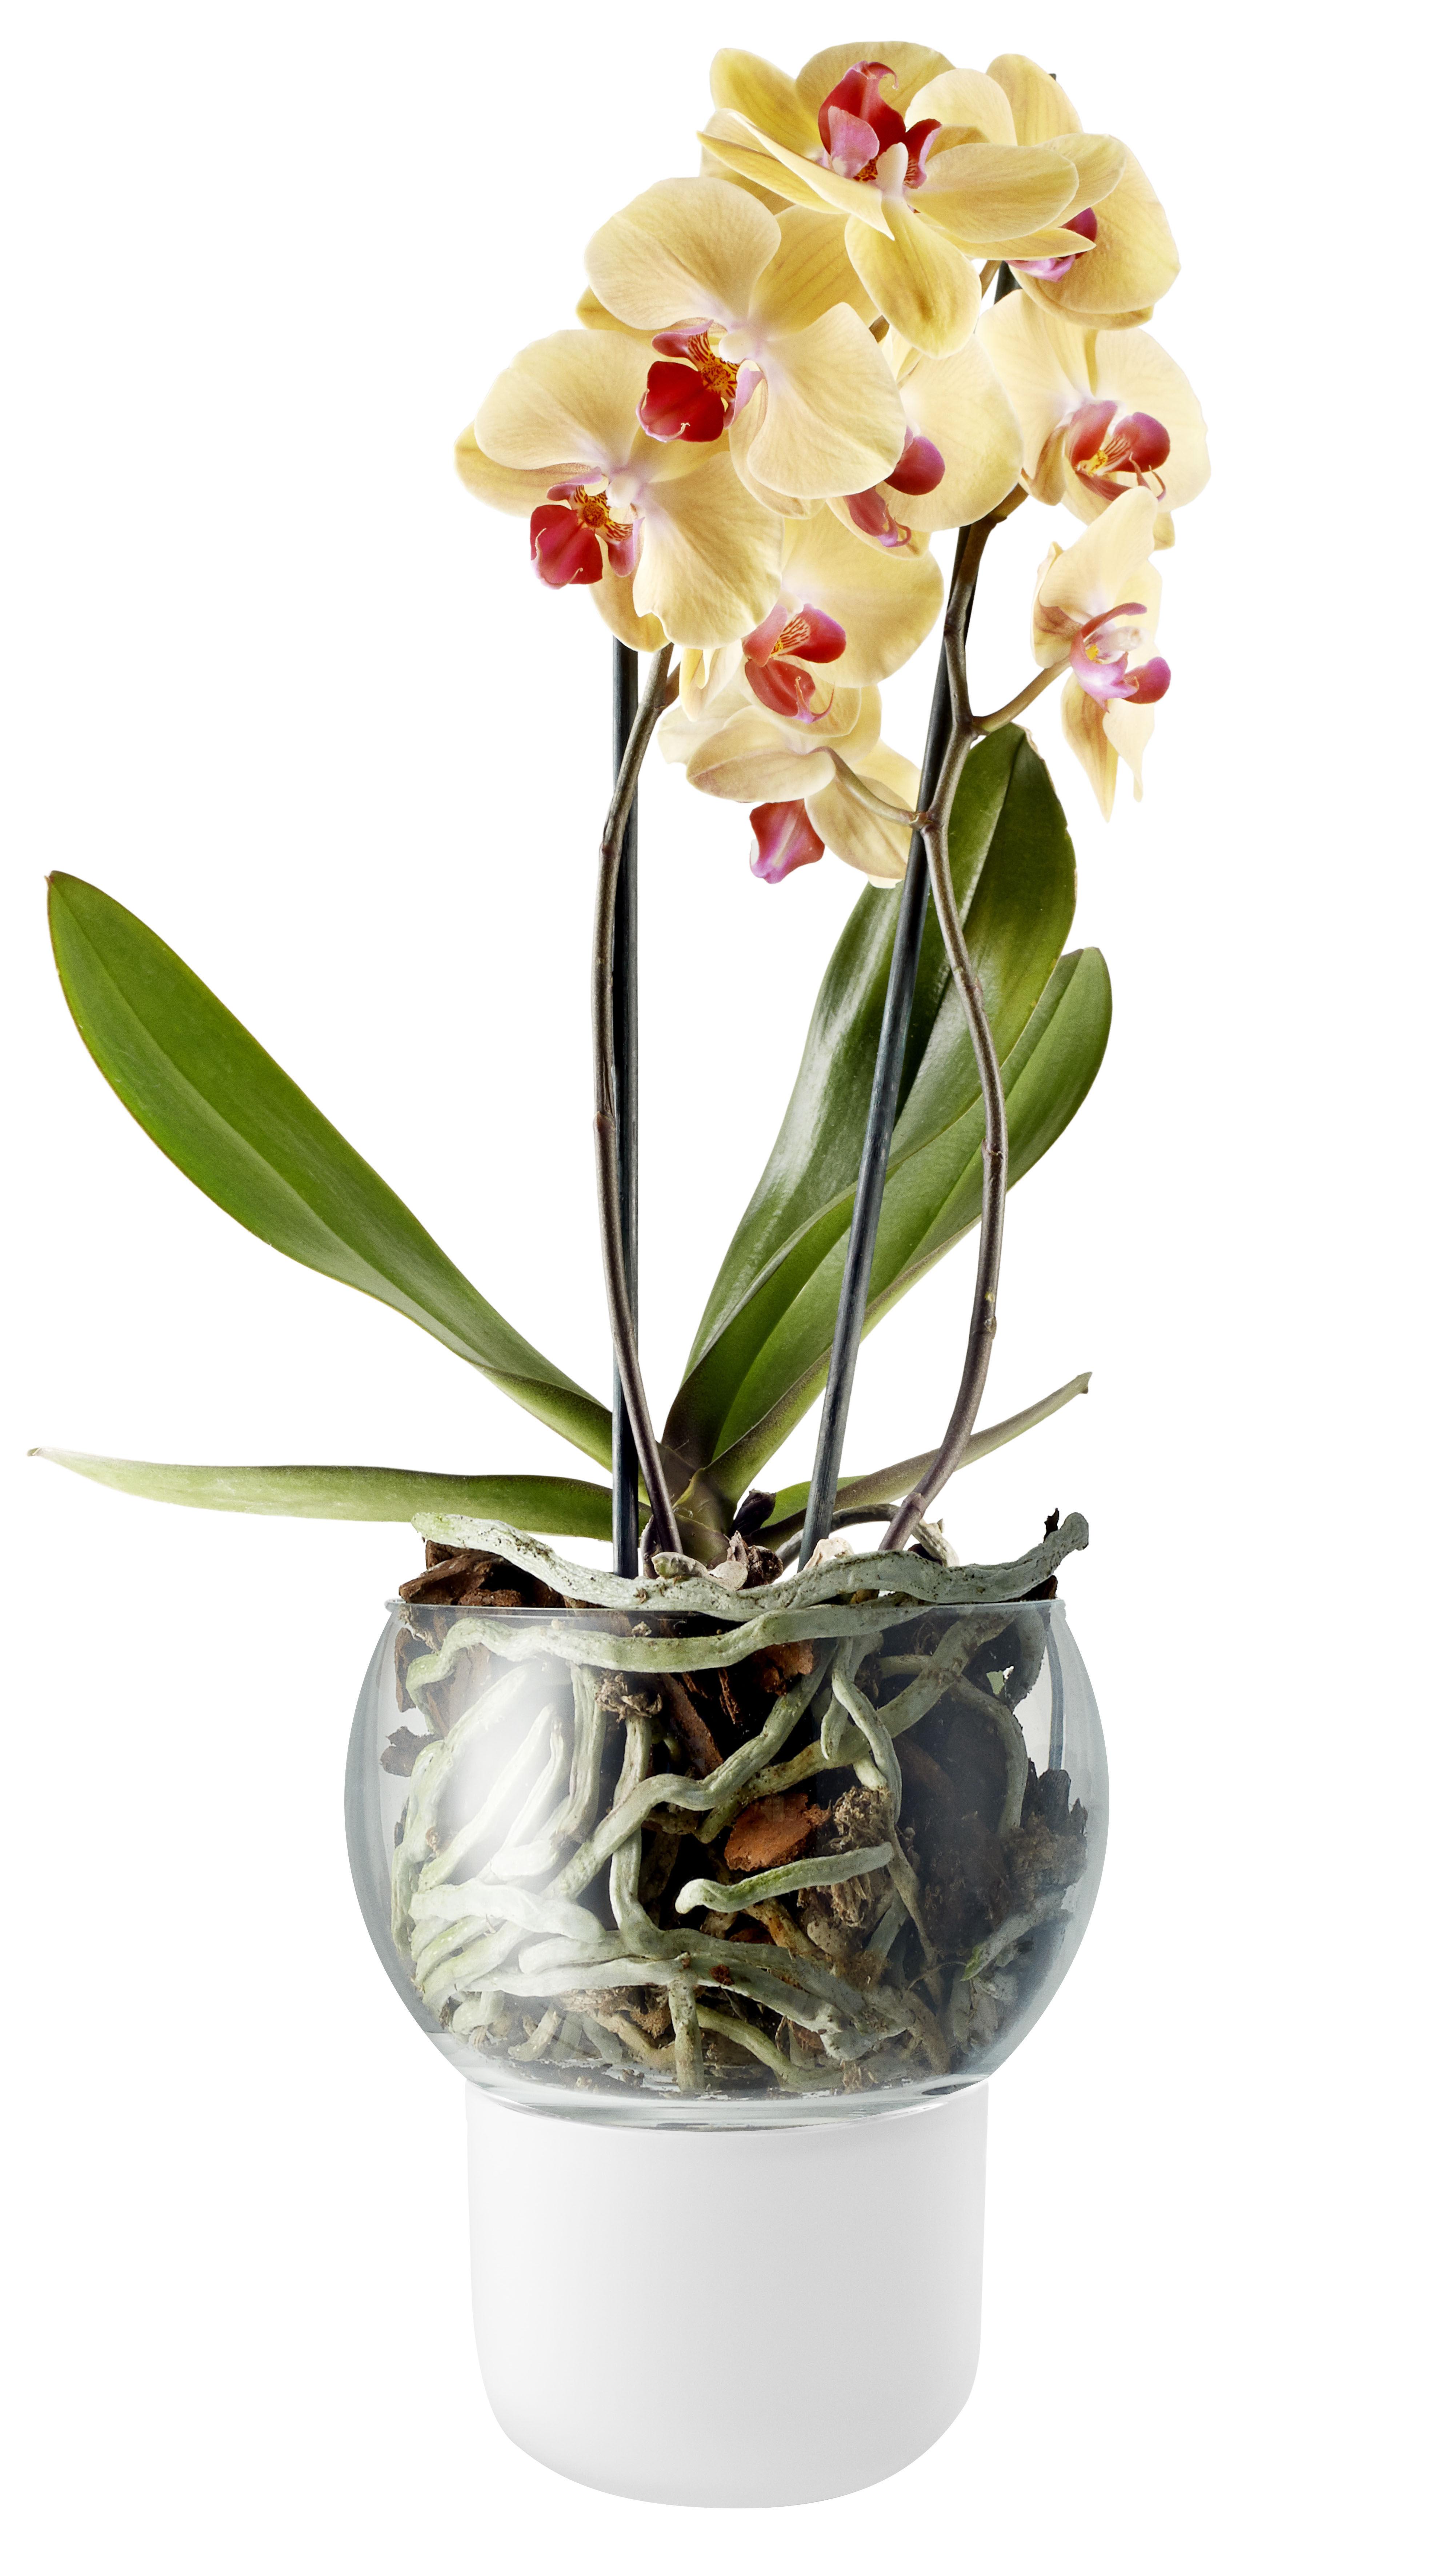 Interni - Vasi e Piante - Vaso da fiori con riserva d'acqua Large Ø 15 cm / Per orchidee - Eva Solo - Large Ø 15 cm / Bianco - Vetro acidato, Vetro soffiato a bocca